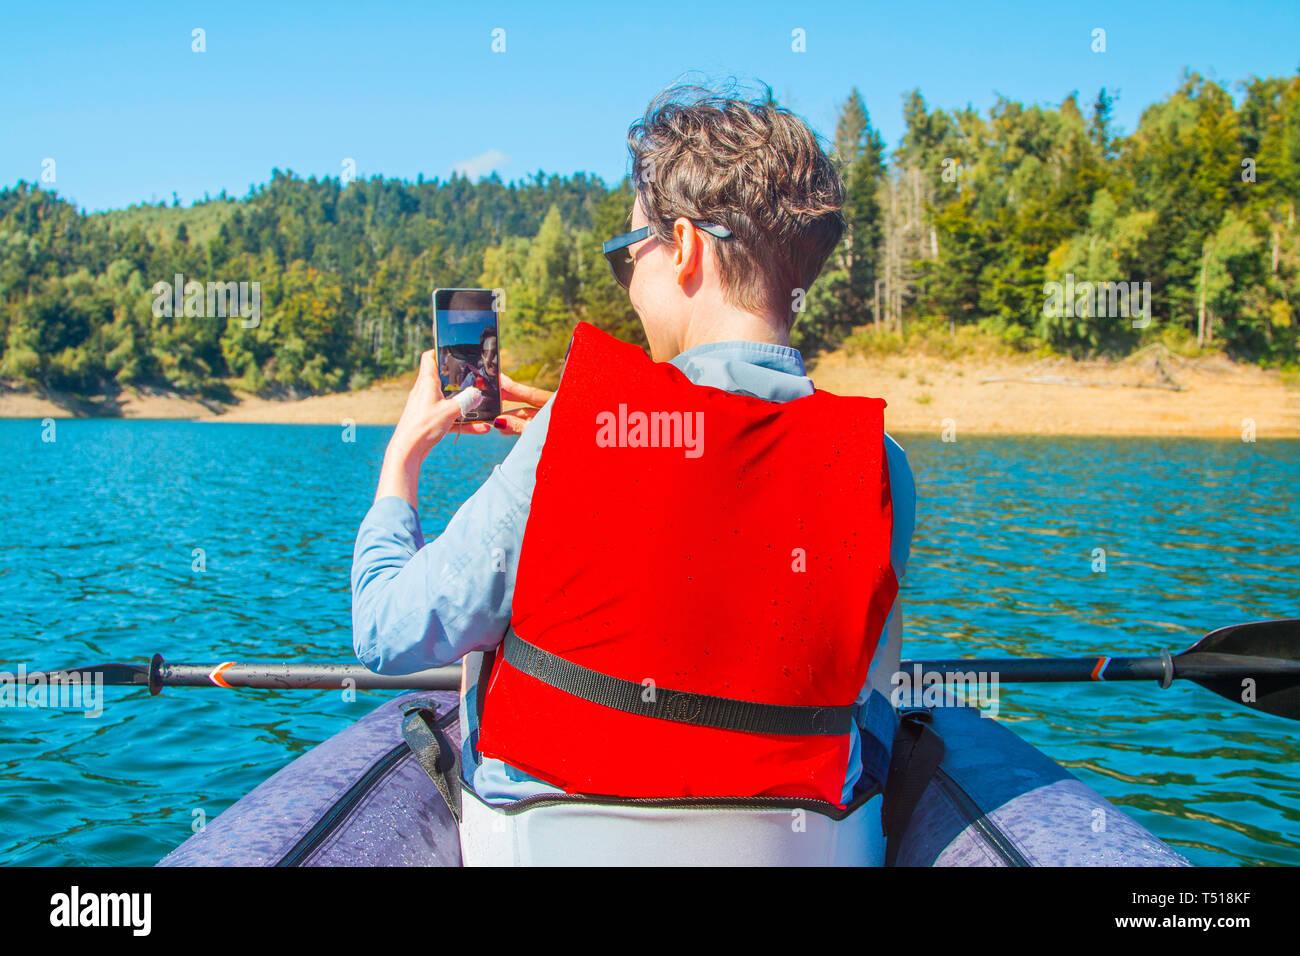 Selfie en el lago. Mujer joven tomando autorretrato con smart phone en kayak en el lago Lokvarsko en Gorski Kotar, Croacia. La mujer disfruta de aventuras Foto de stock